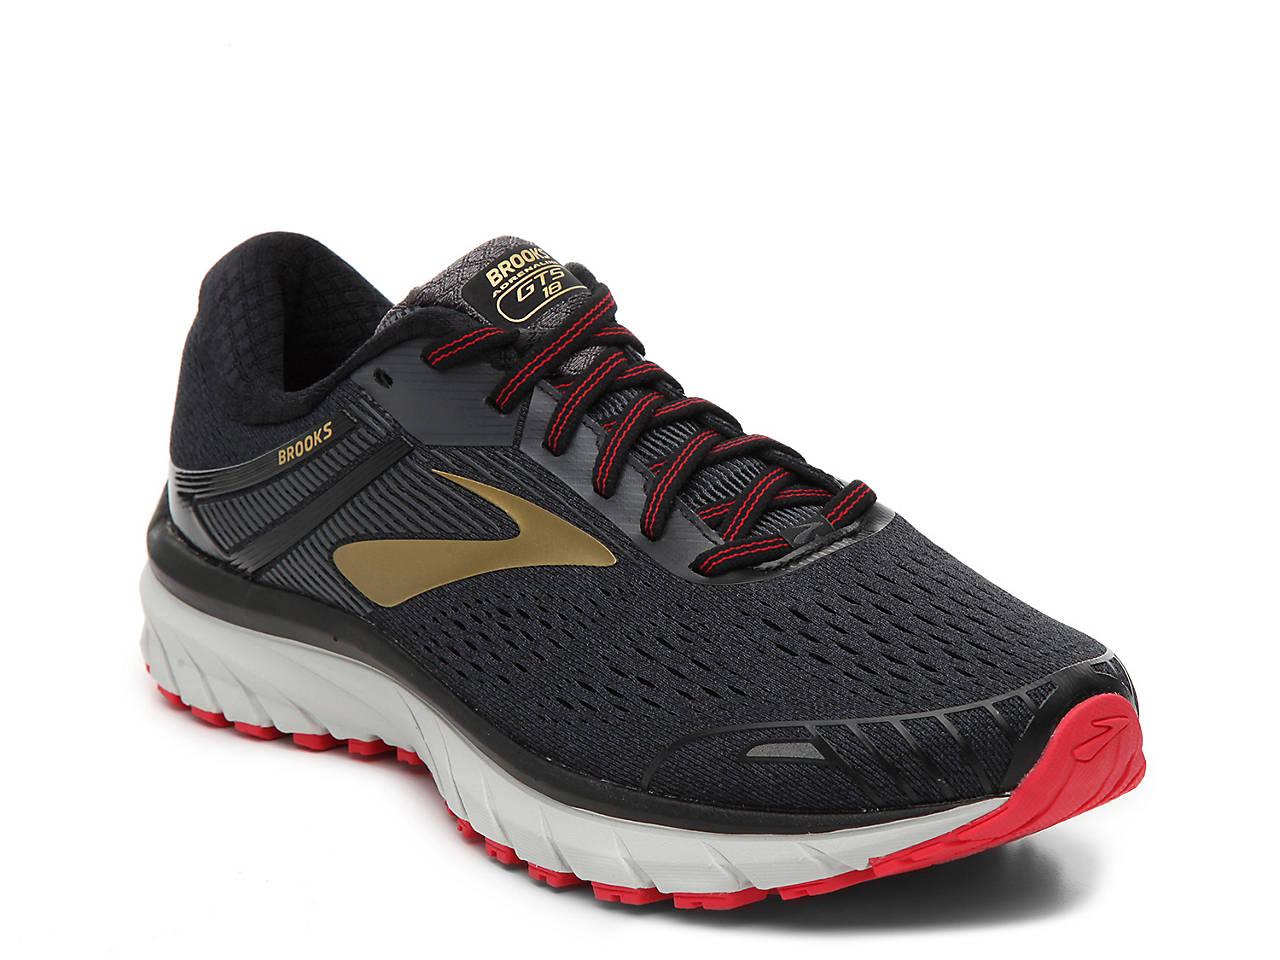 29c8d927bb484 Brooks Adrenaline GTS 18 Lightweight Running Shoe - Men s Men s Shoes